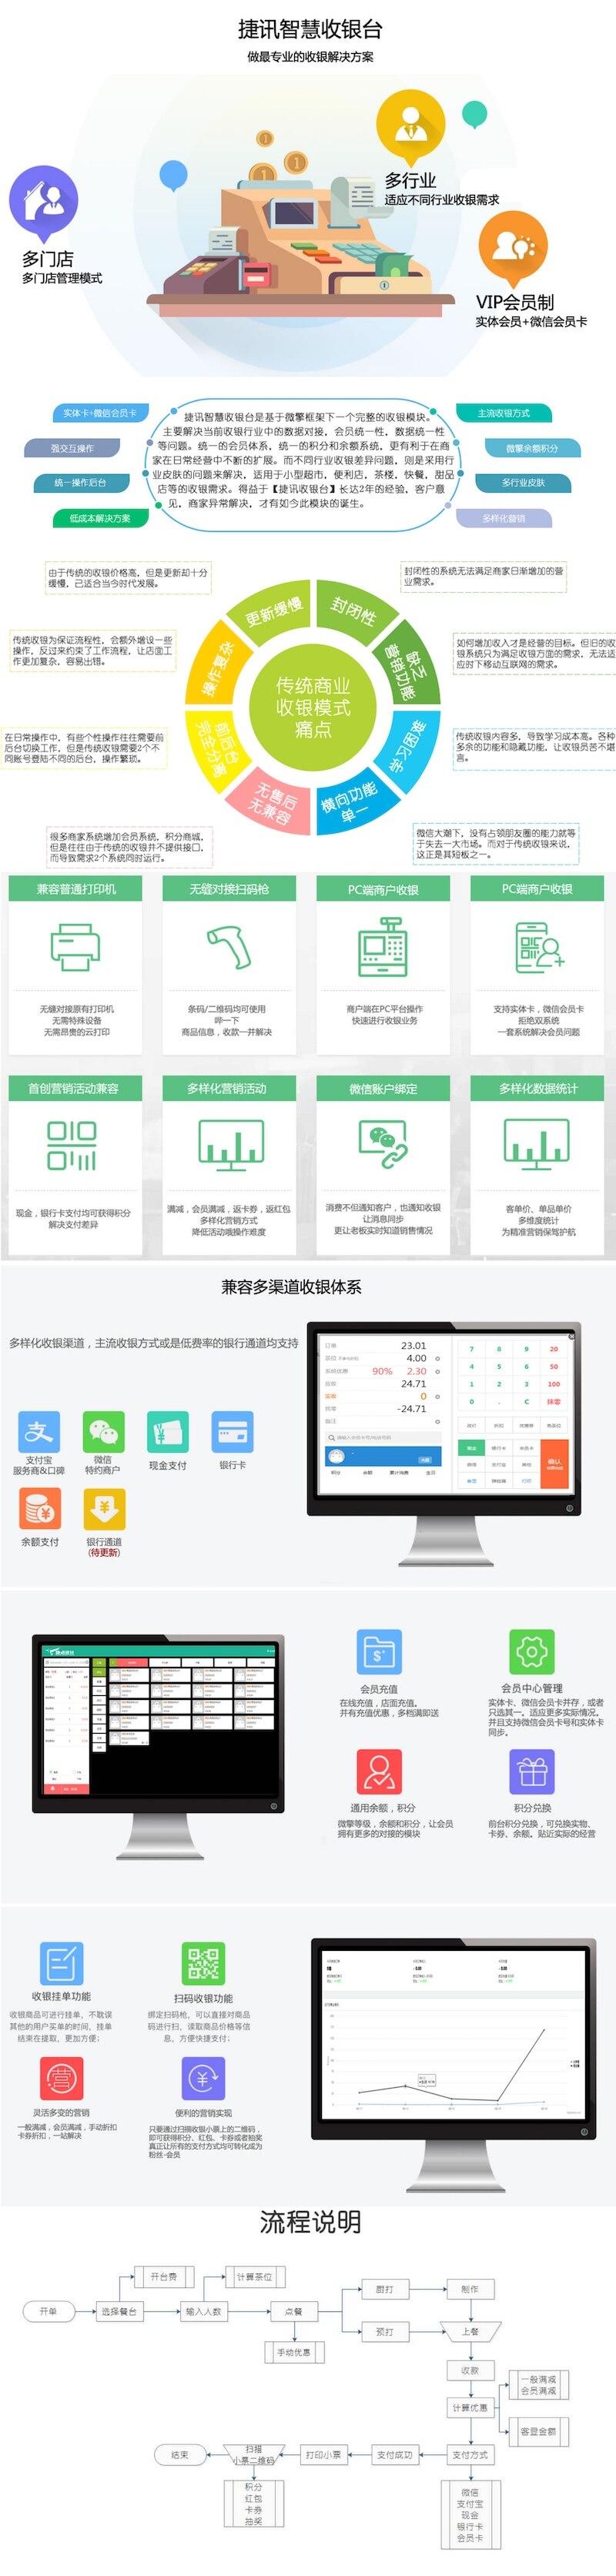 捷讯高级收银台4.7.8 高级版 正版打包 微信功能模块-52资源网